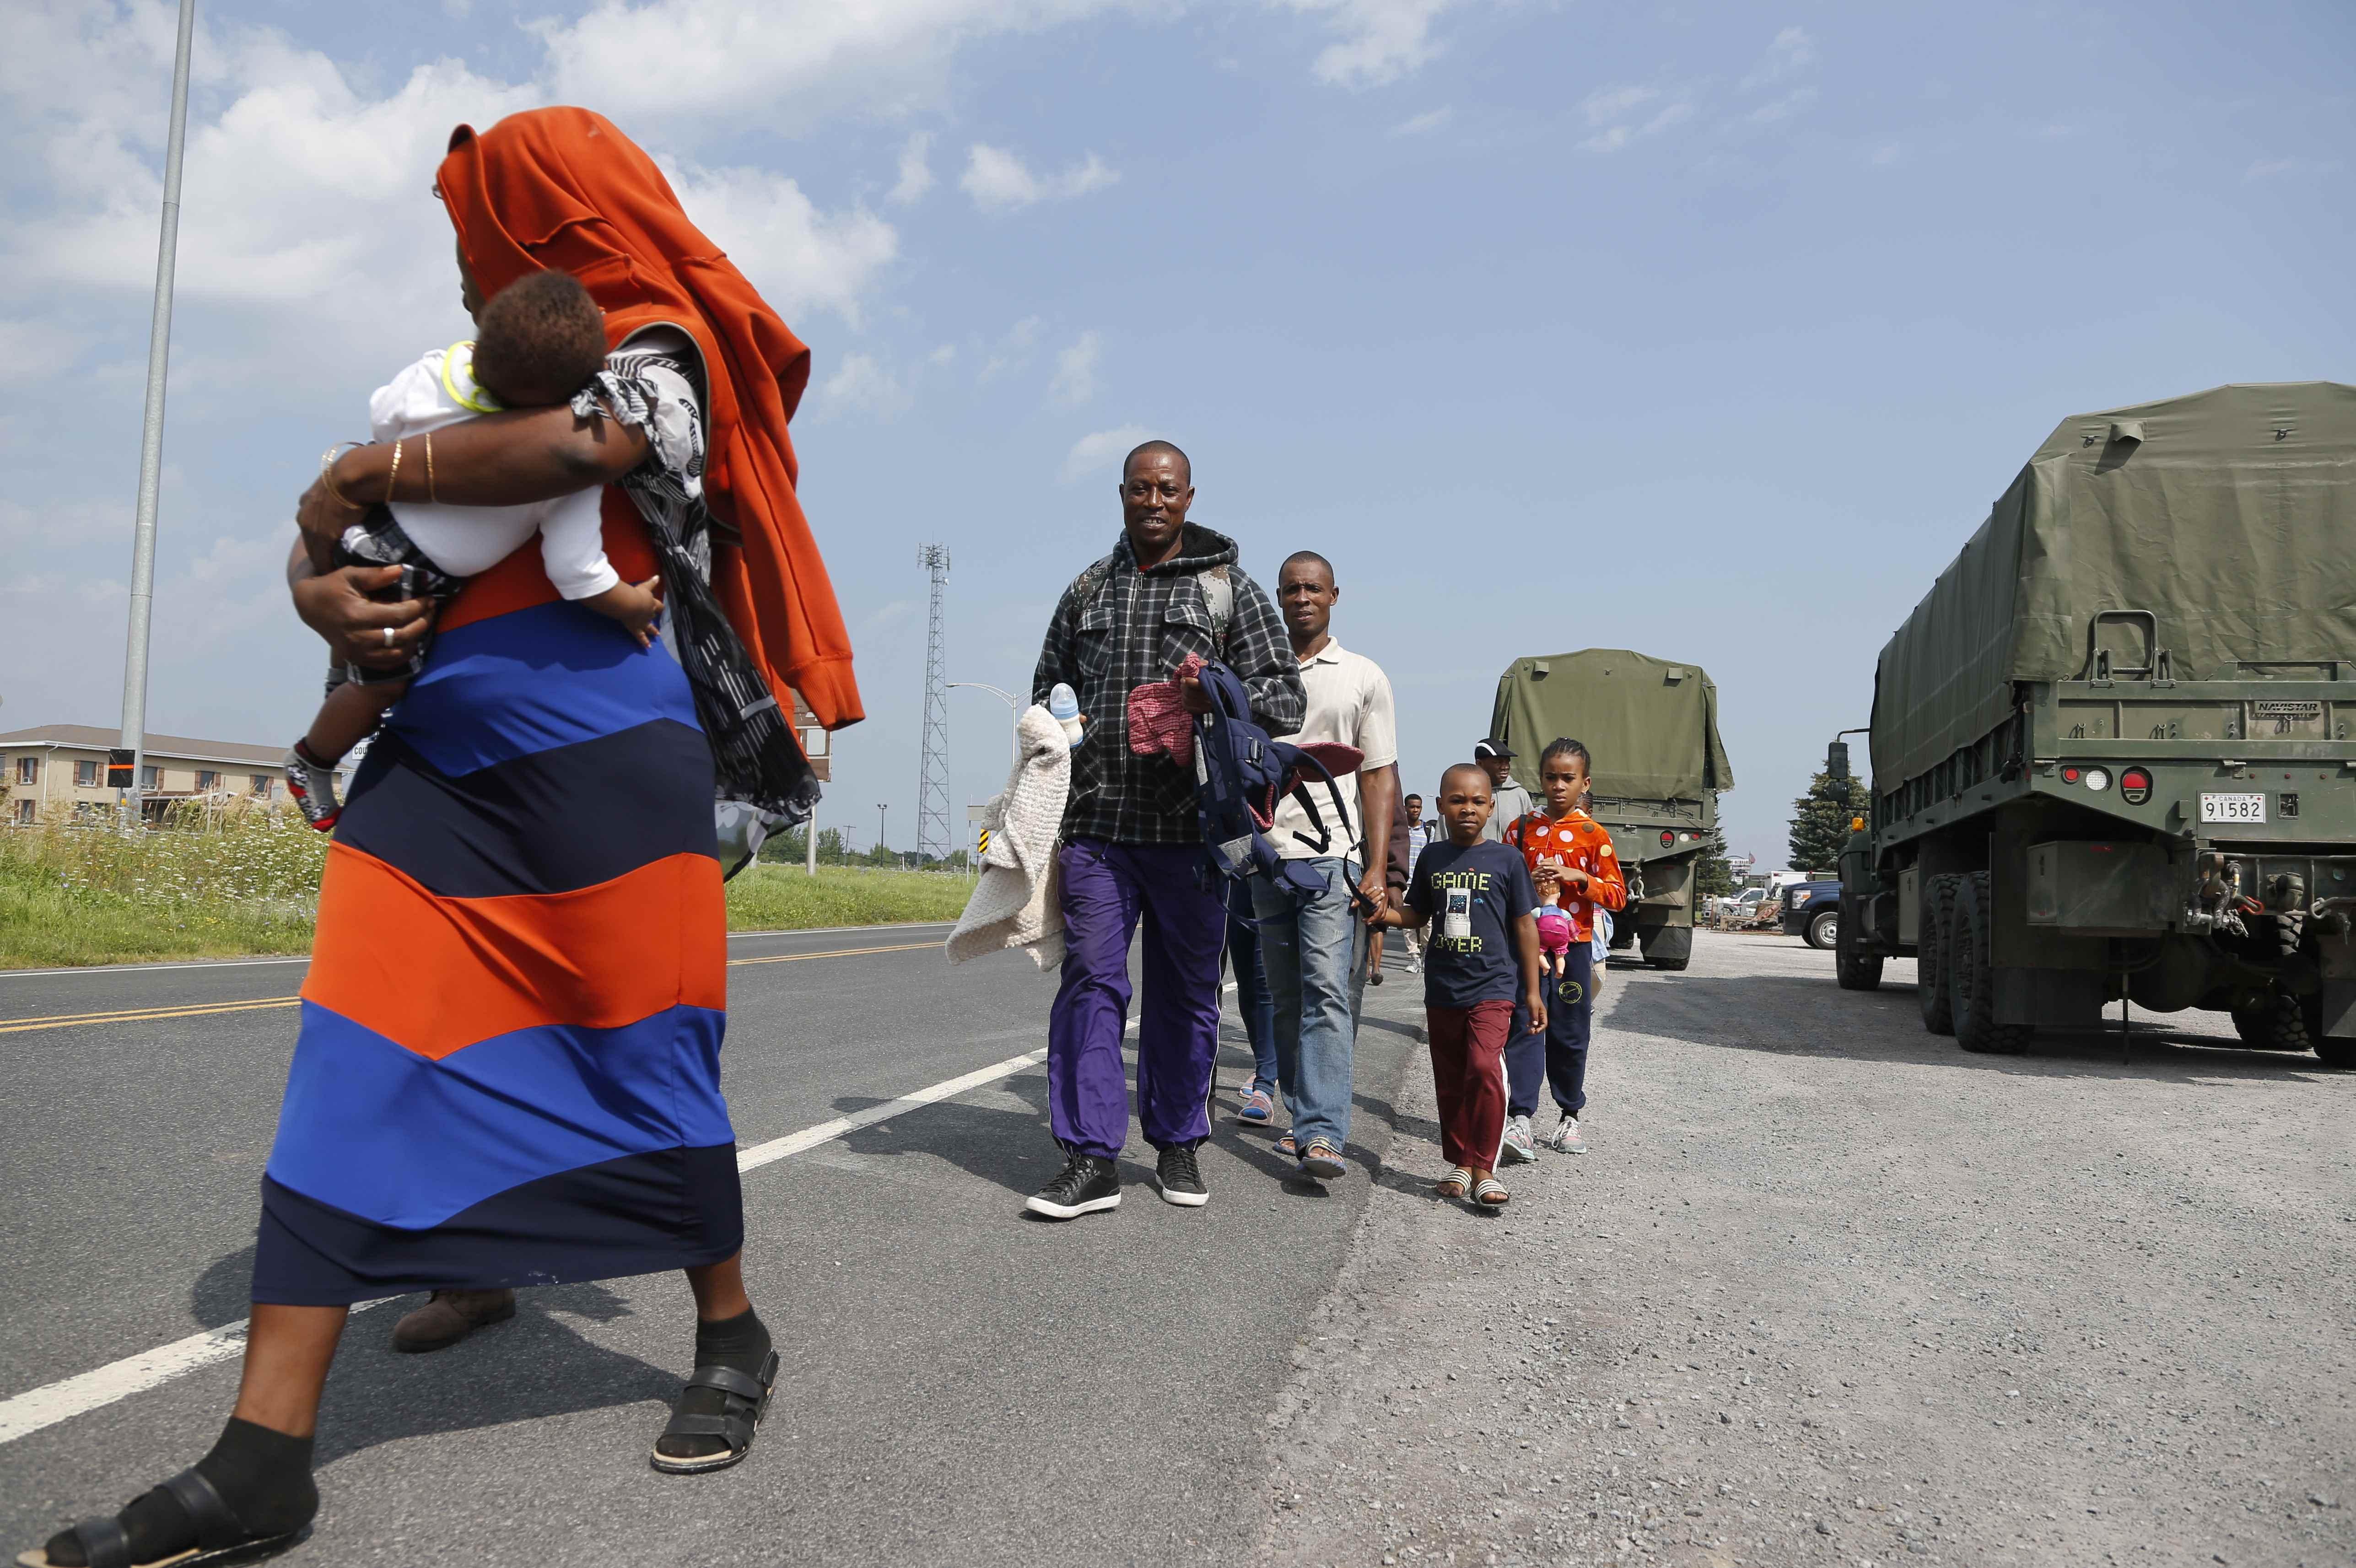 مهاجرون يتوجهون إلى المخيم الجديد